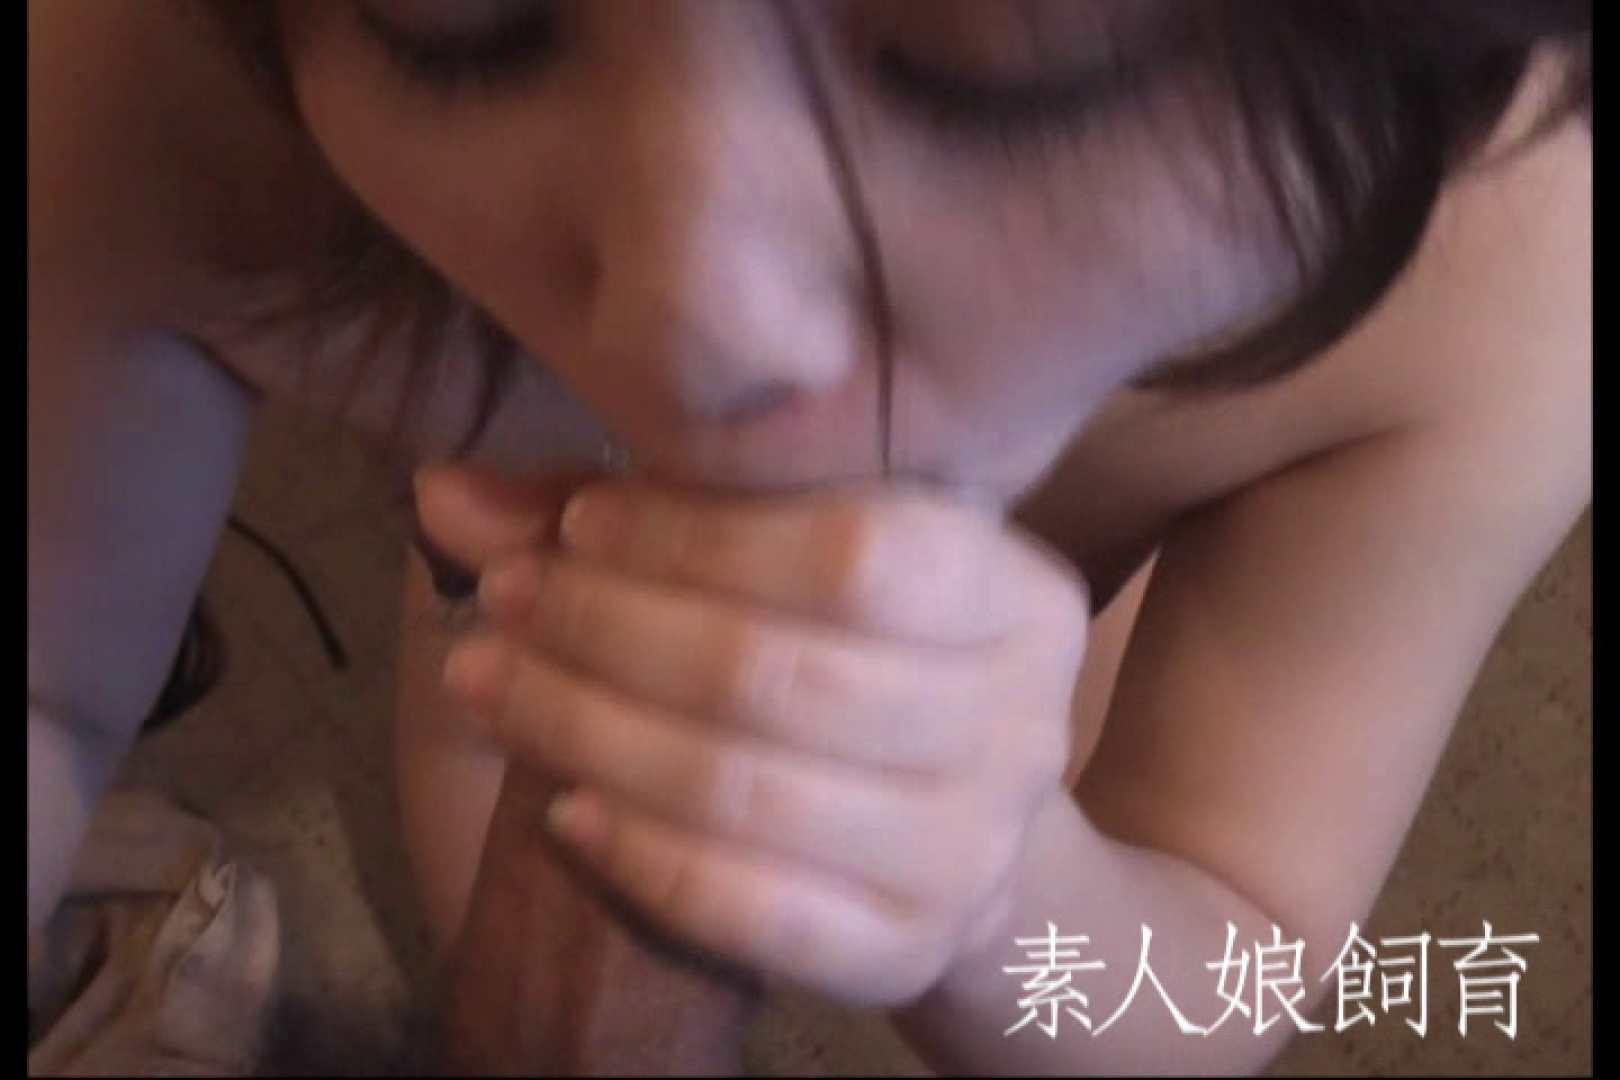 素人嬢飼育~お前の餌は他人棒~貸出しイラマチオ ラブホテルでsex  69pic 45